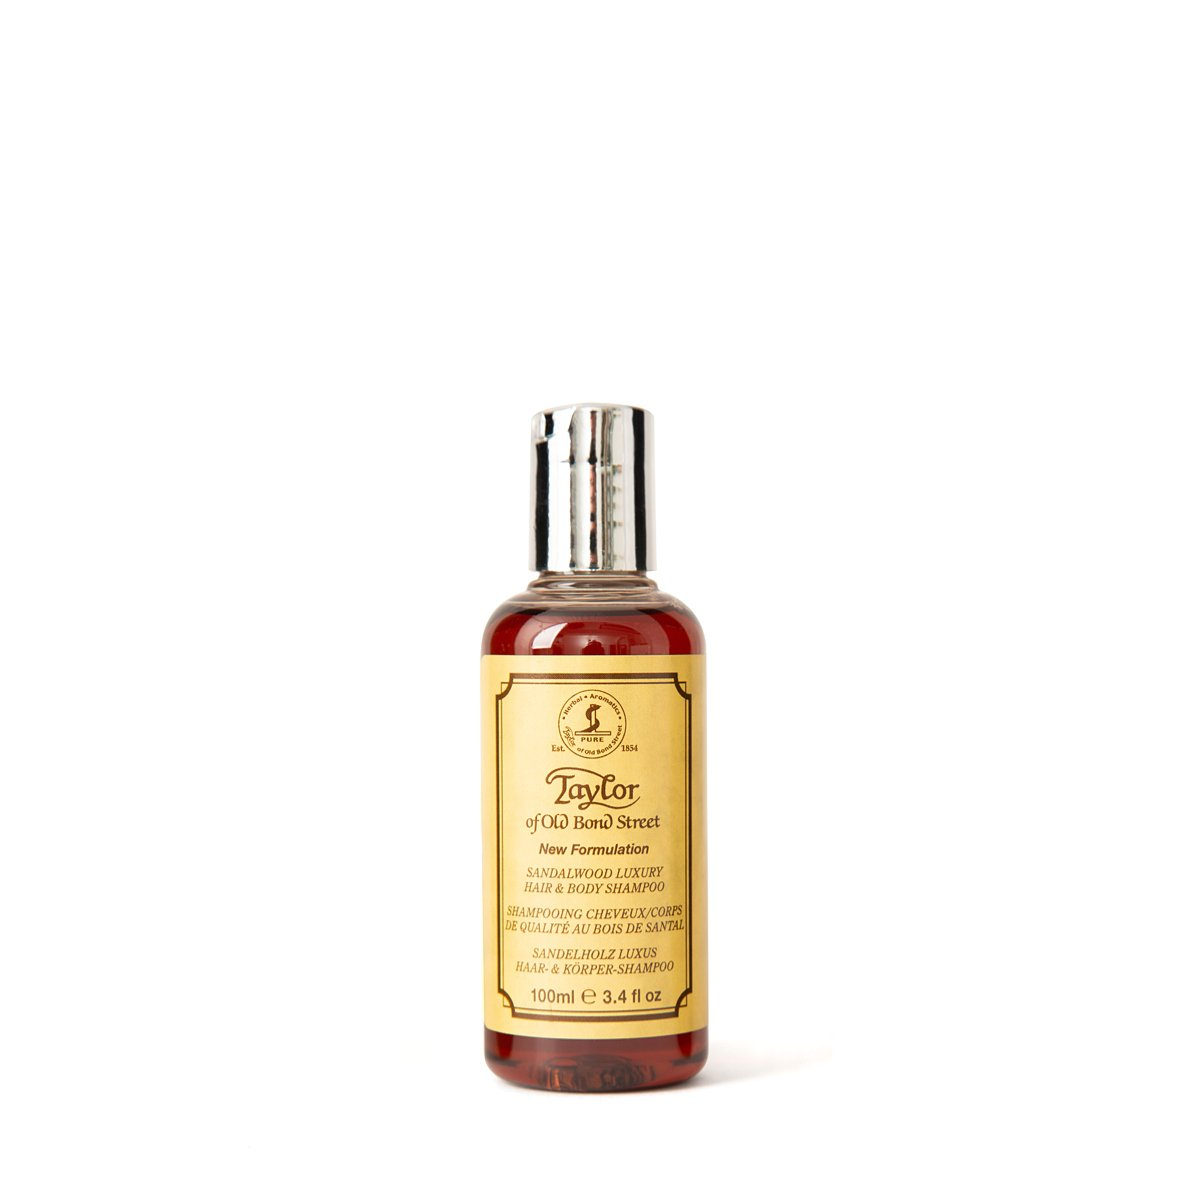 Sandalwood şampon pentru păr şi corp